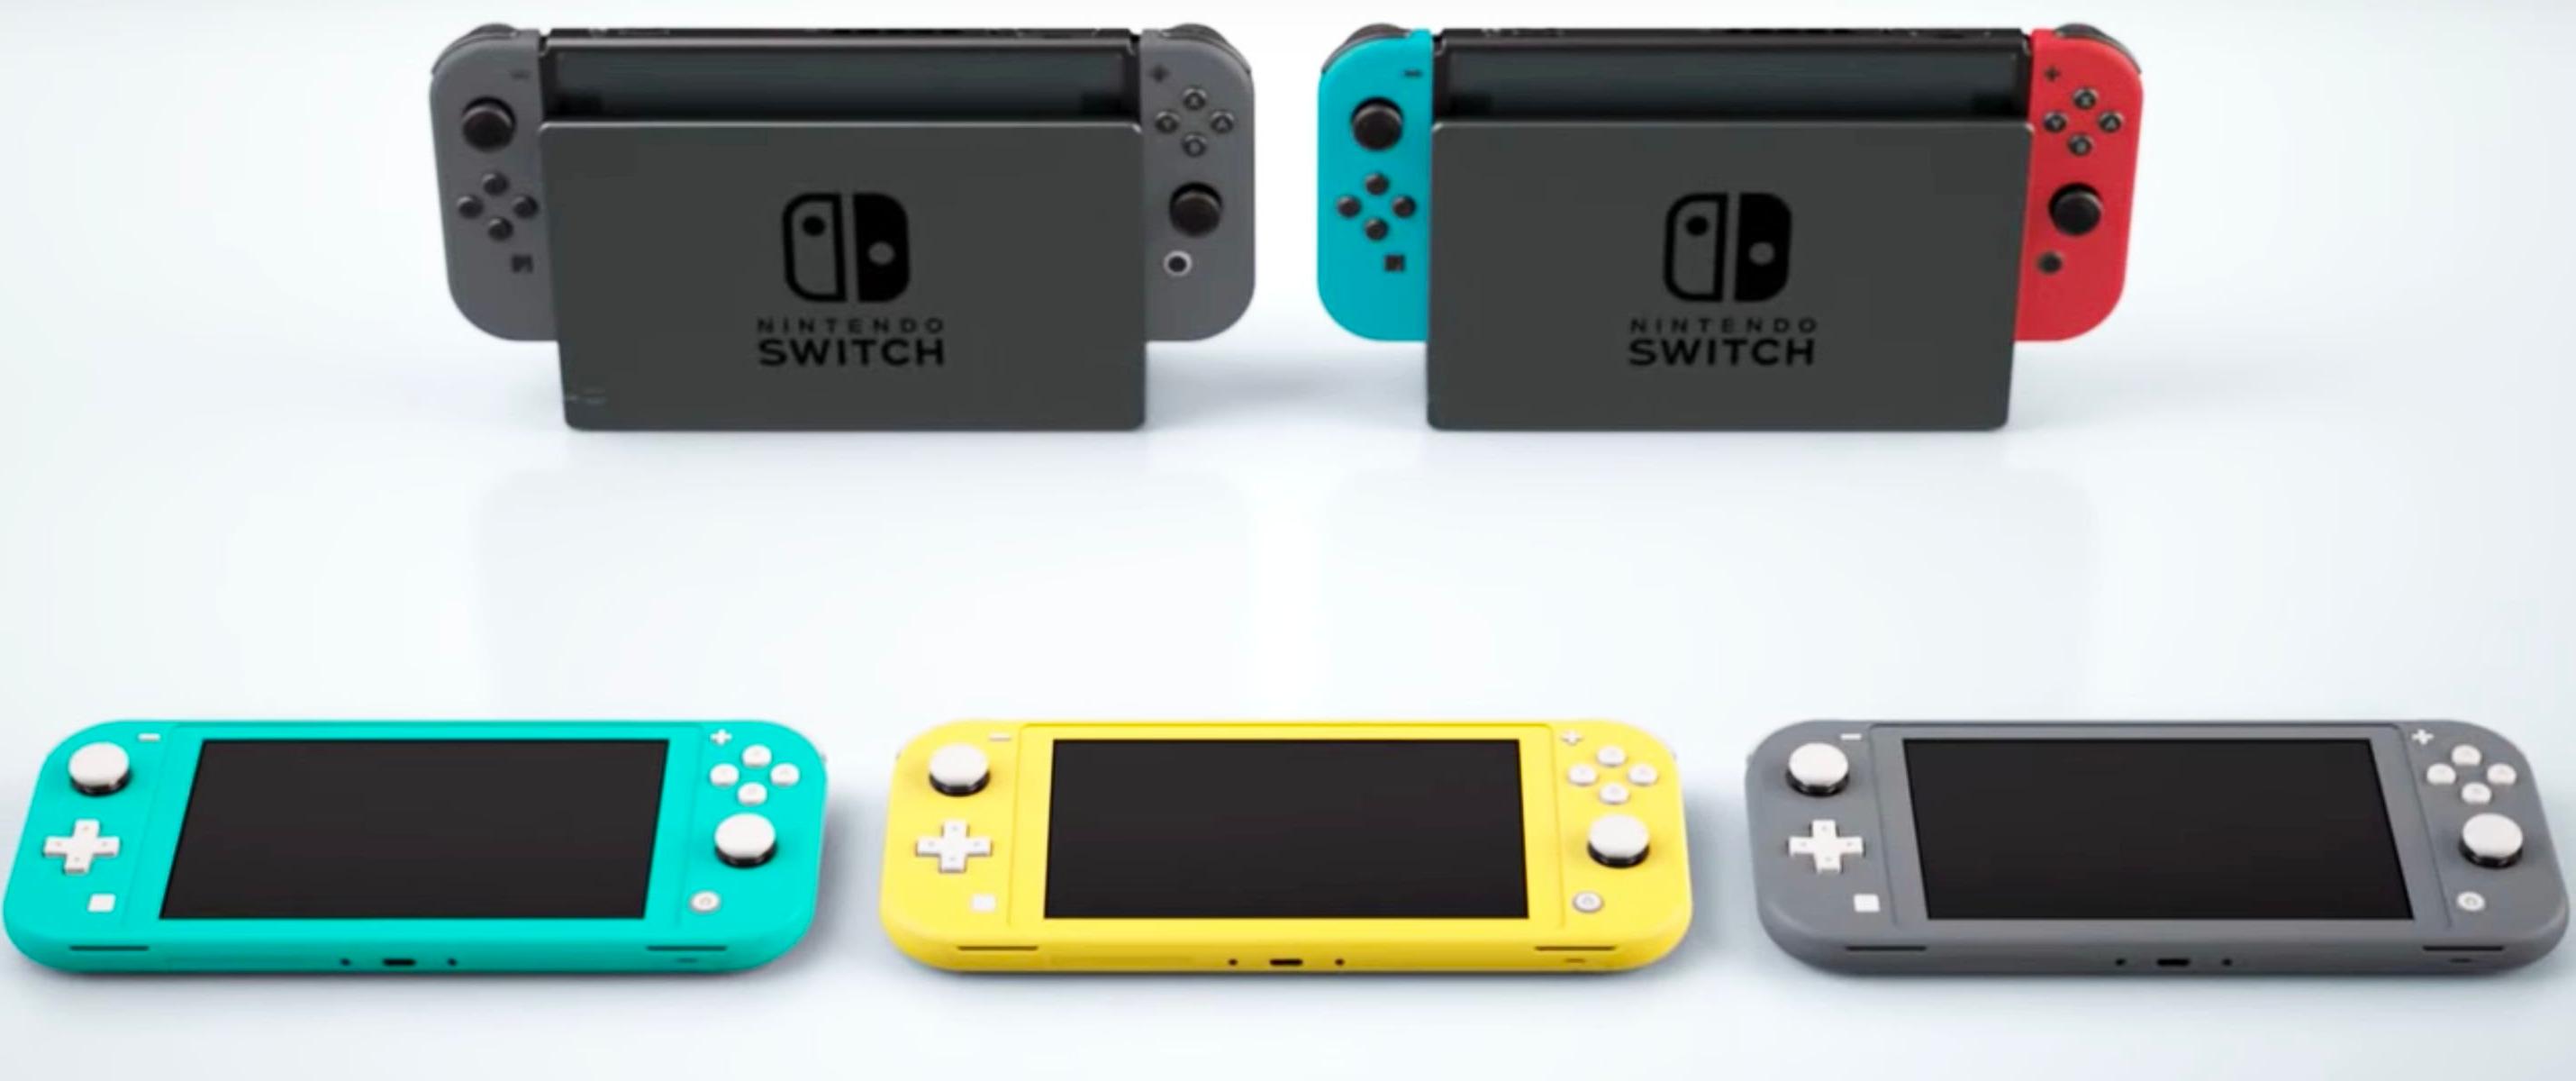 Lite bo priročnejši in cenejši model priljubljene Nintendove konzole Switch.